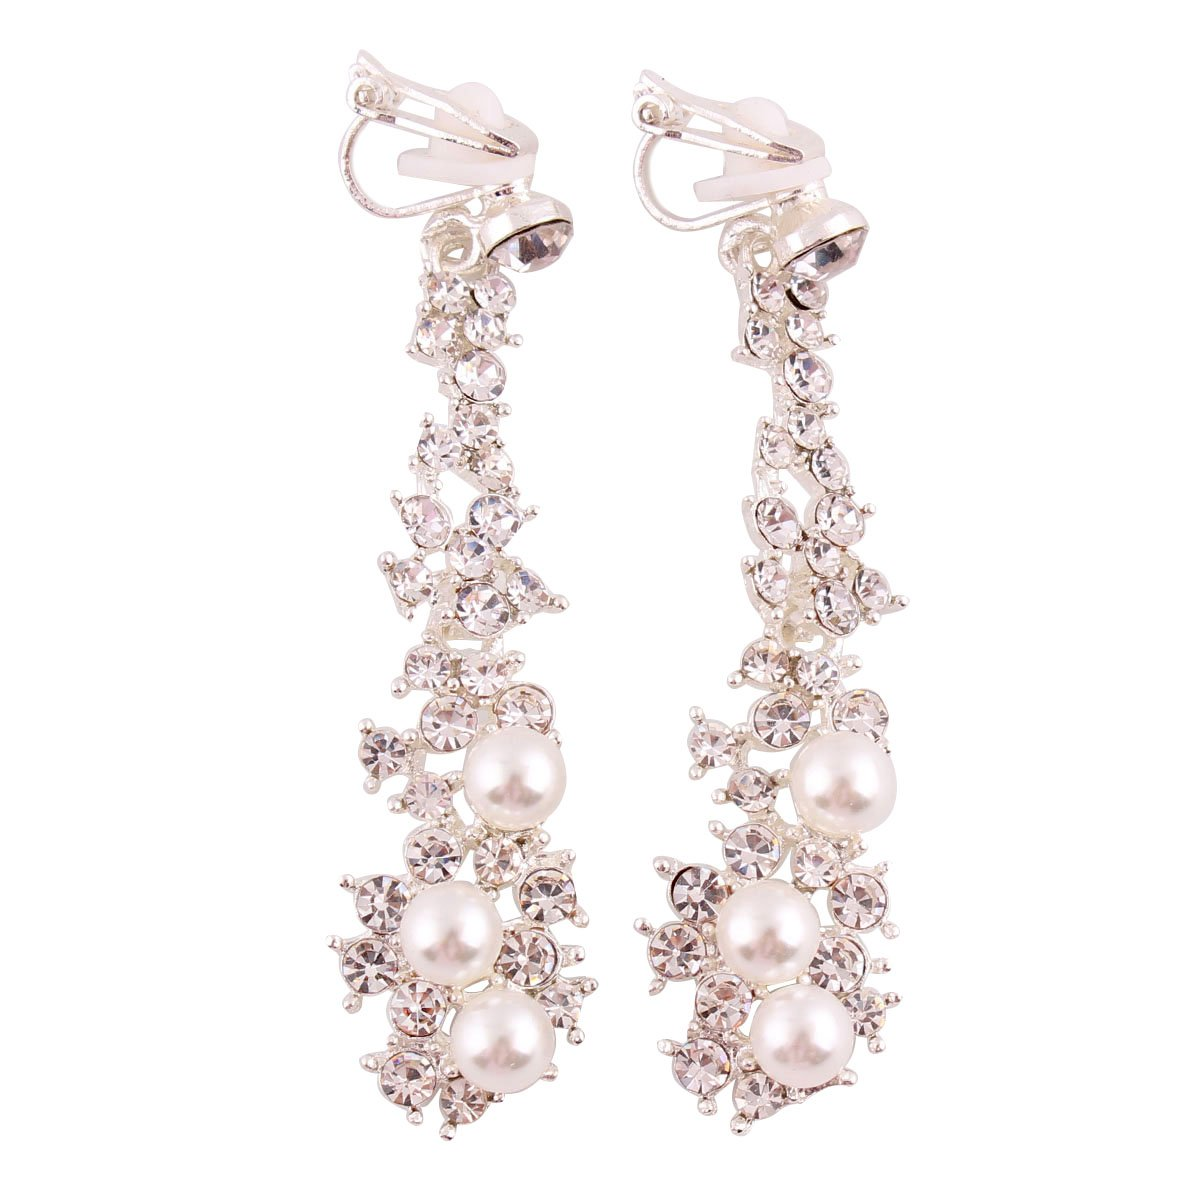 Grace Jun Luxury Bridal Rhinestone Clip on Earrings Non Piercing for Women Large Statement Earrings (Silver ear clip)